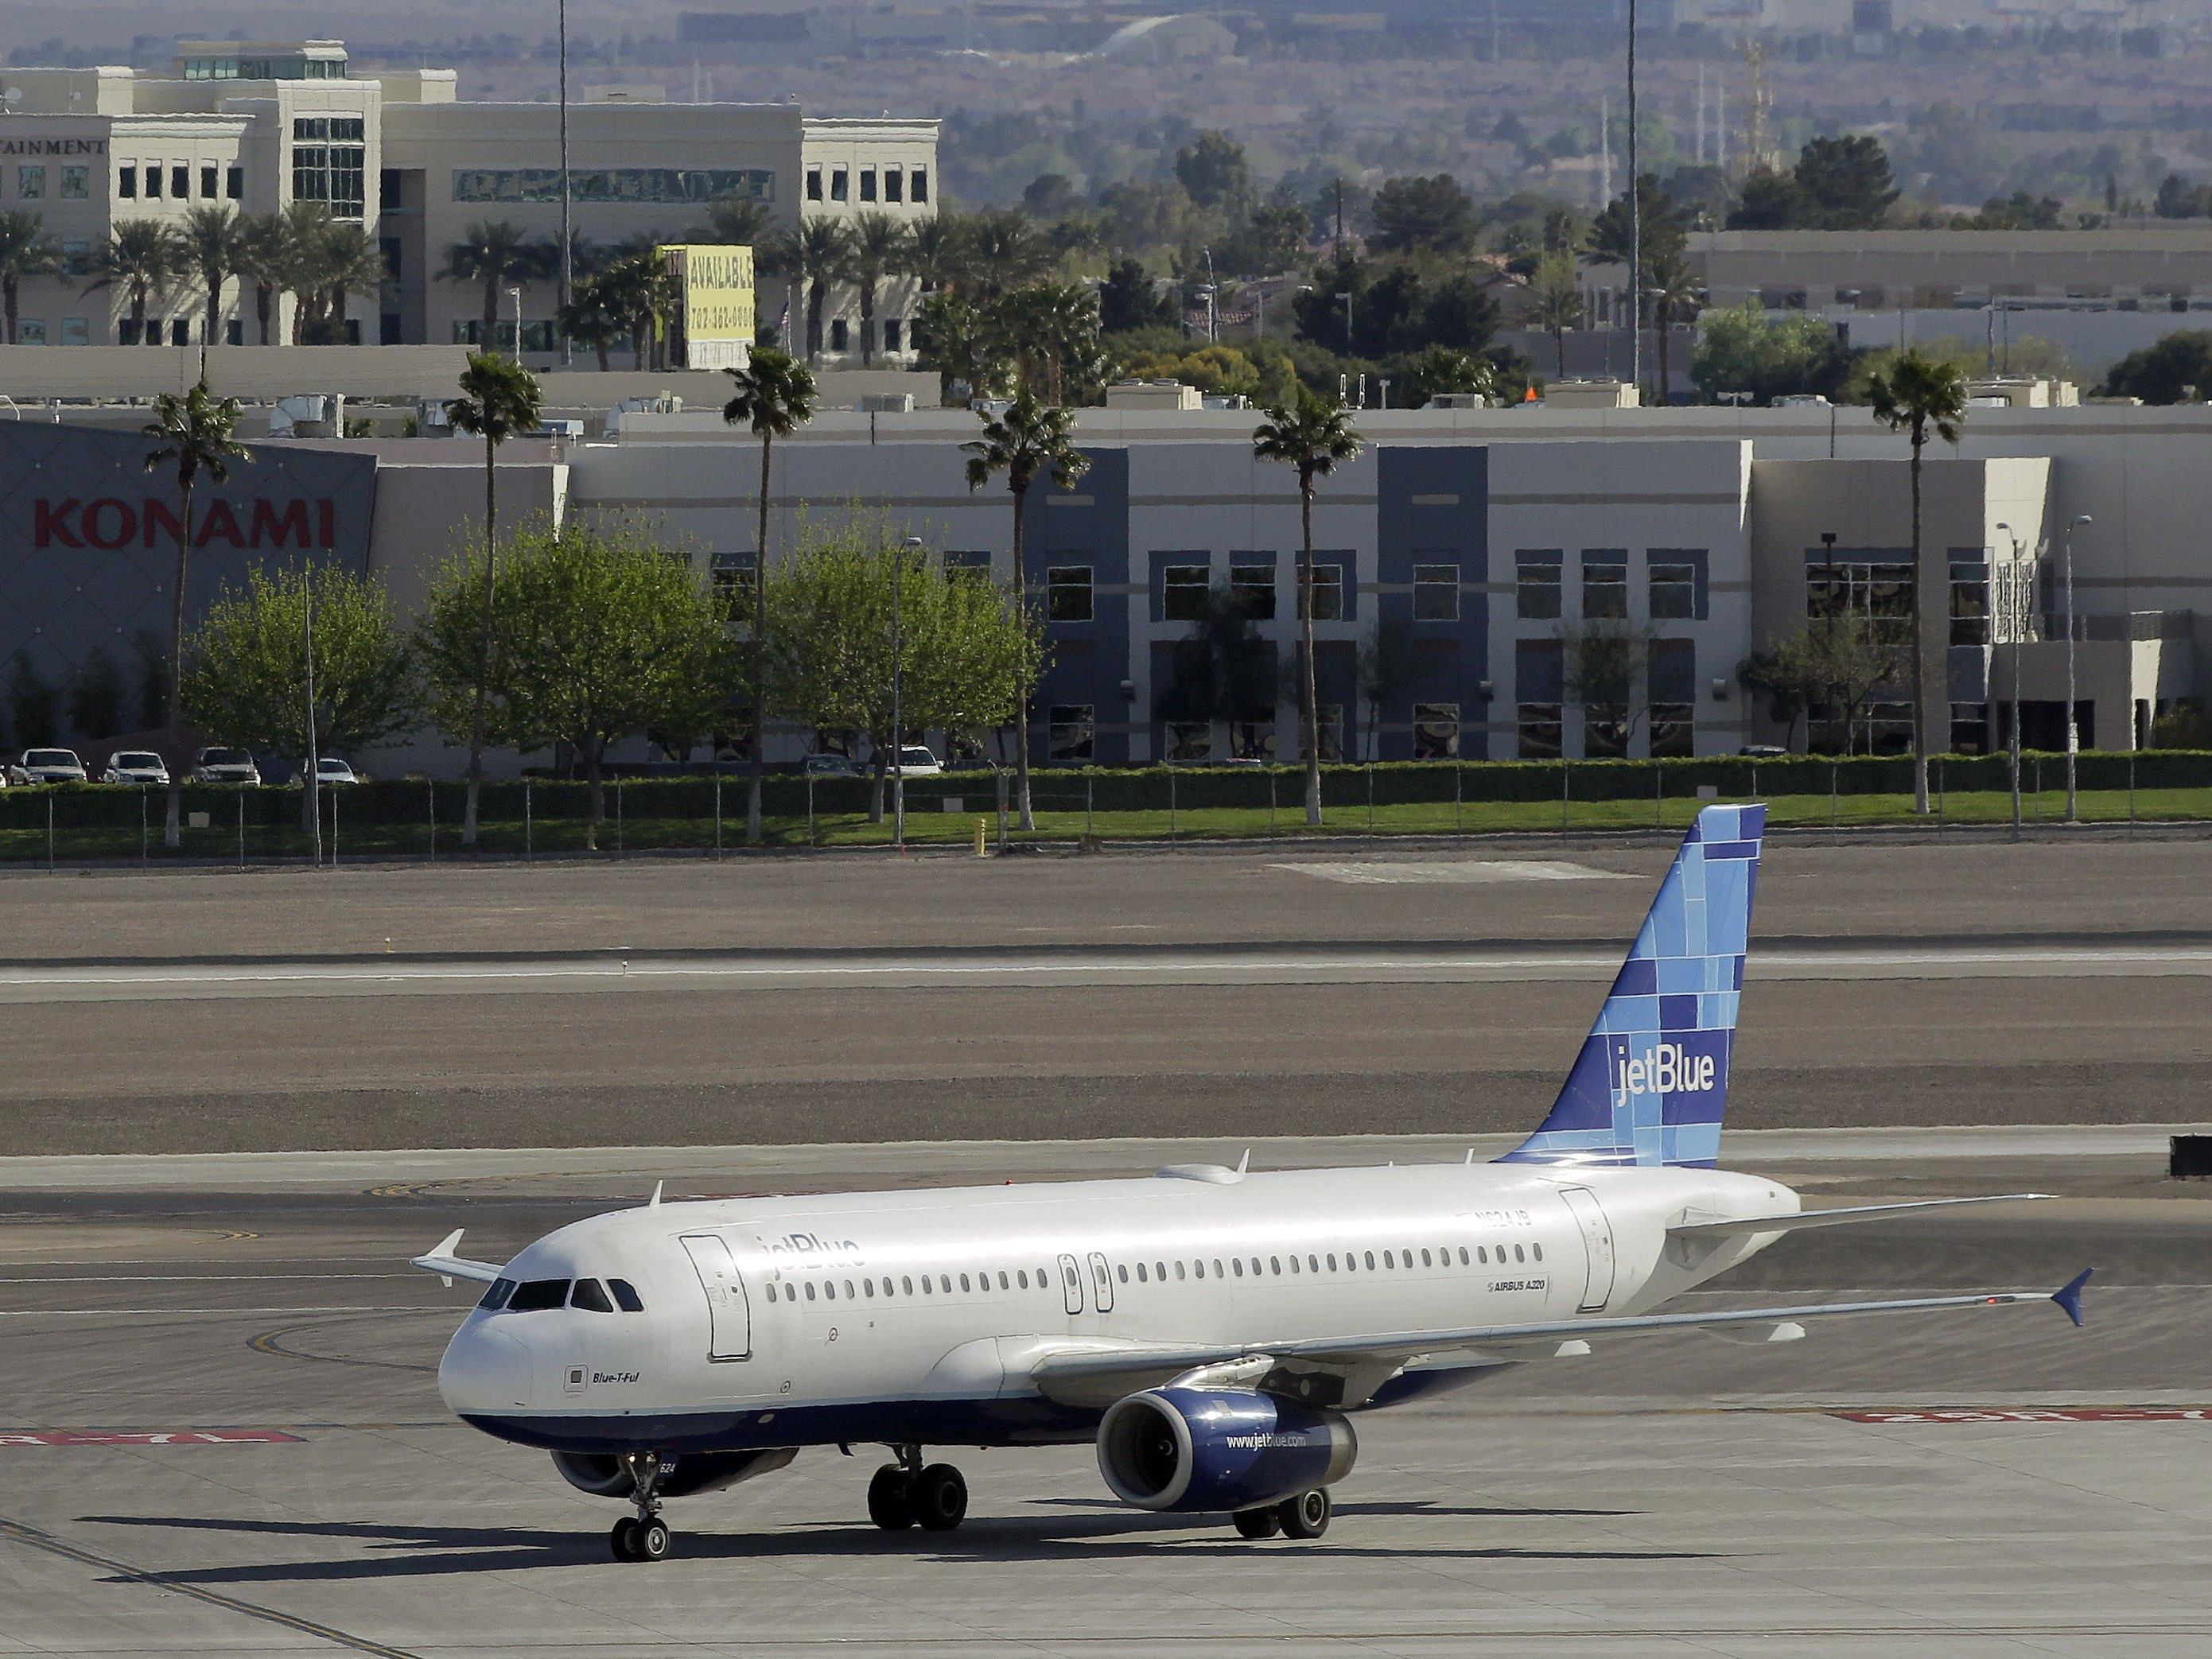 Der Flieger startete von der Dominikanischen Republik.